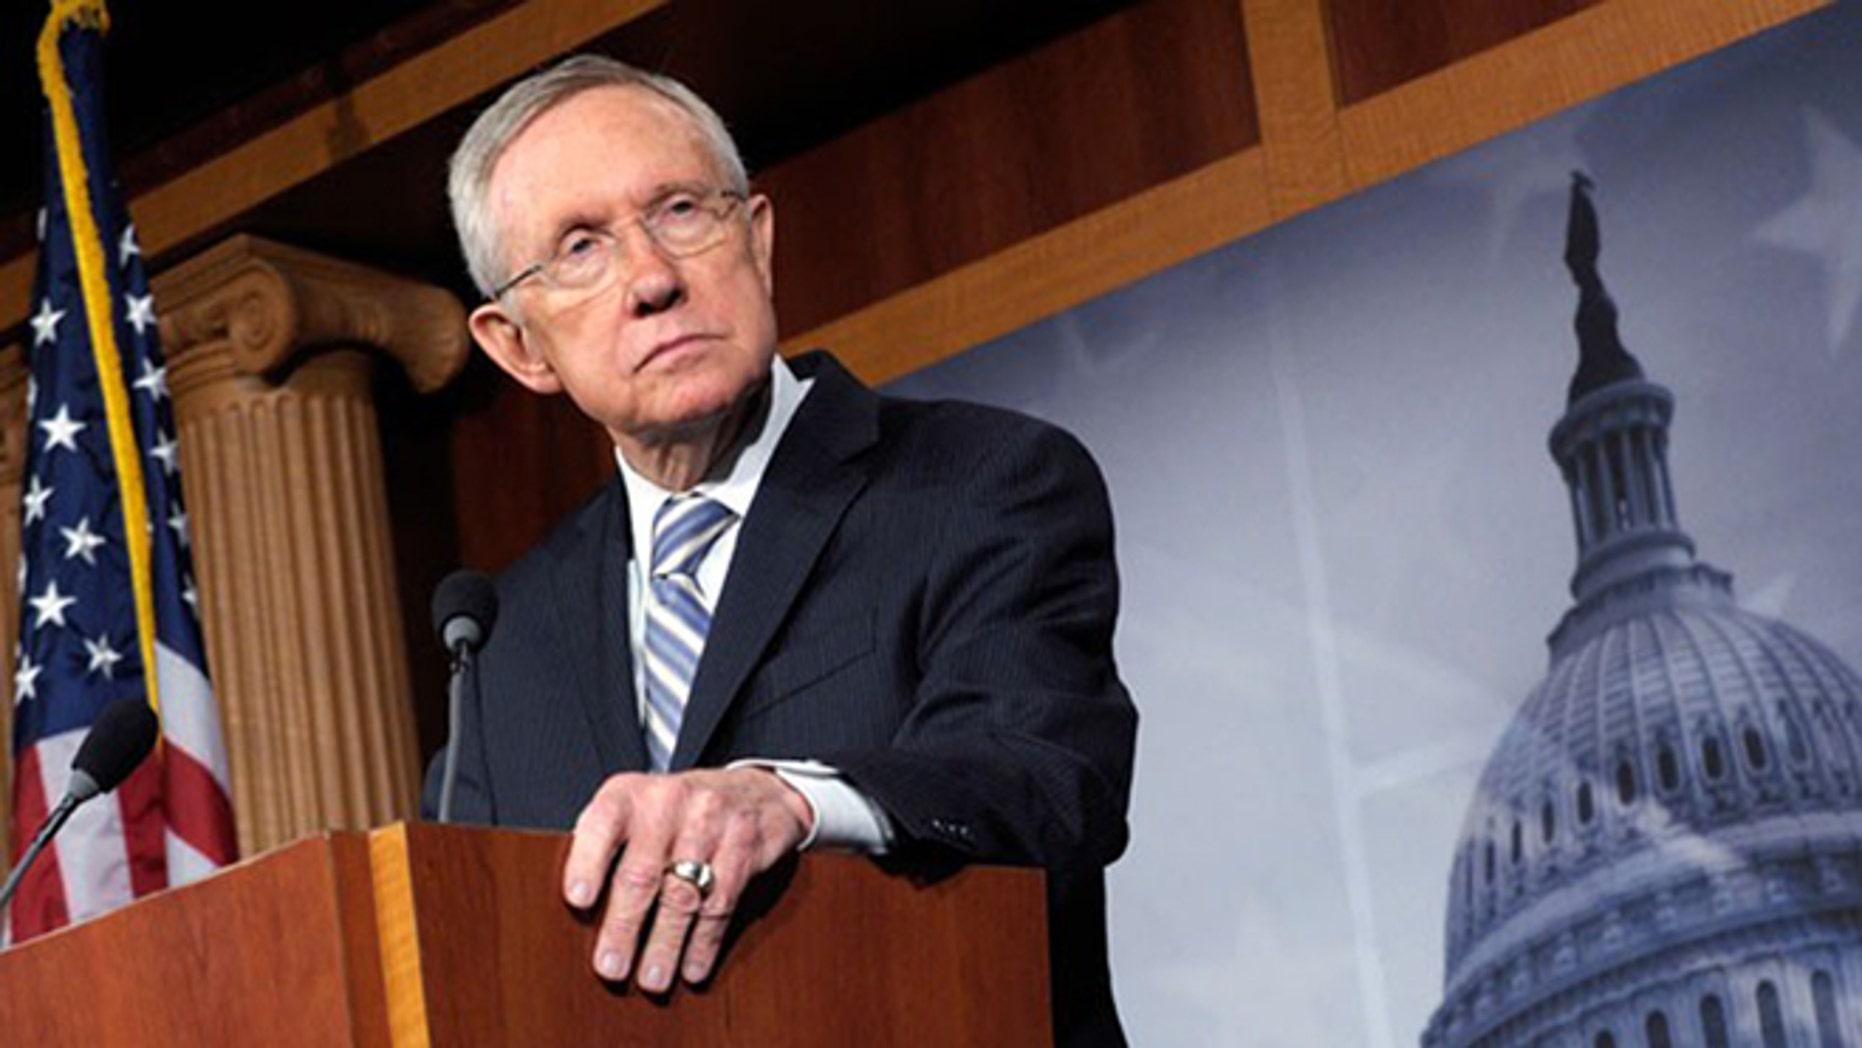 Senate Minority Leader Harry Reid, D-Nev., is shown.